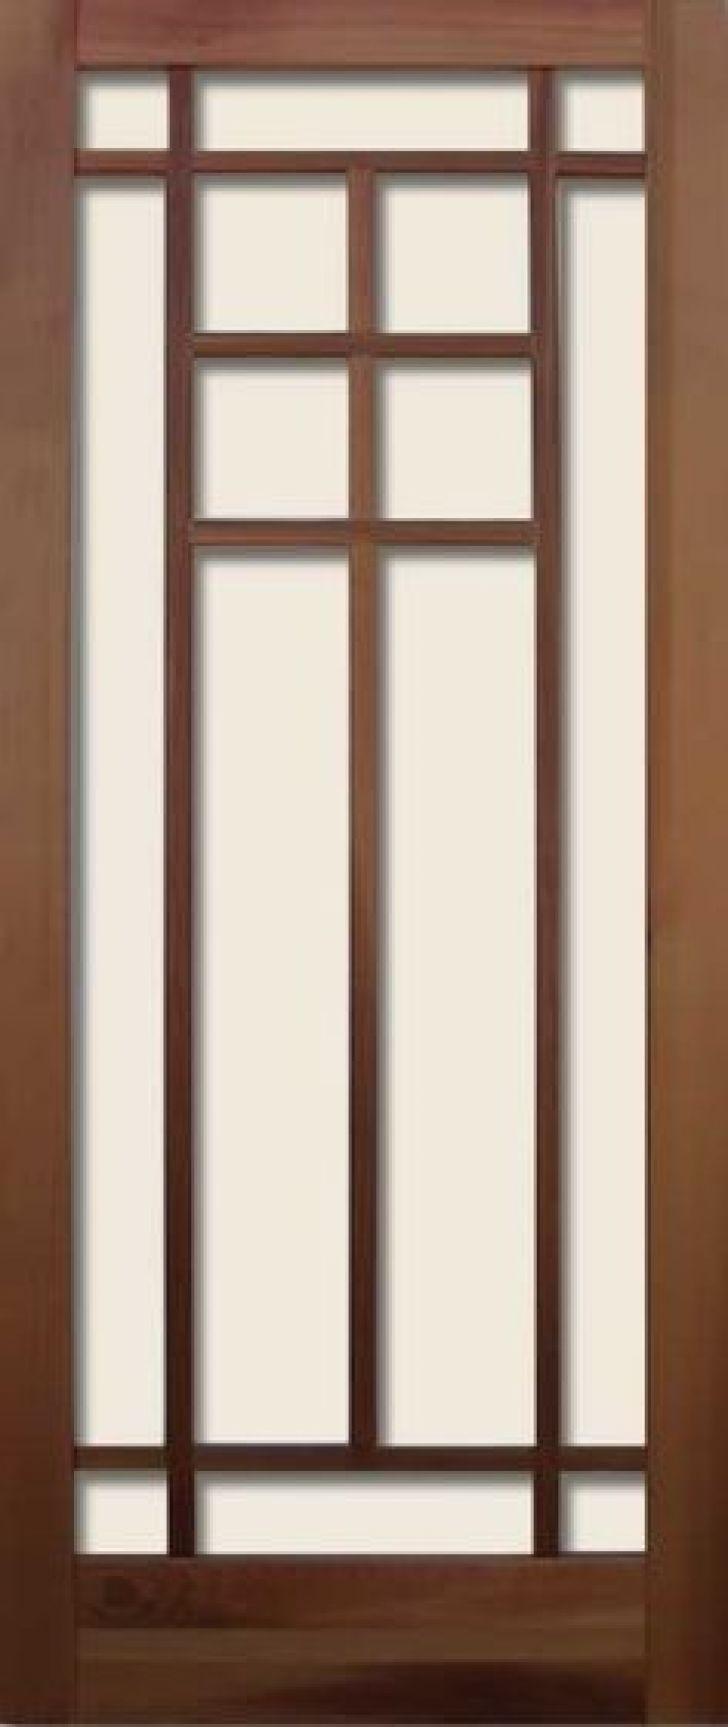 Best 25+ Painted storm door ideas on Pinterest | Storm doors ...